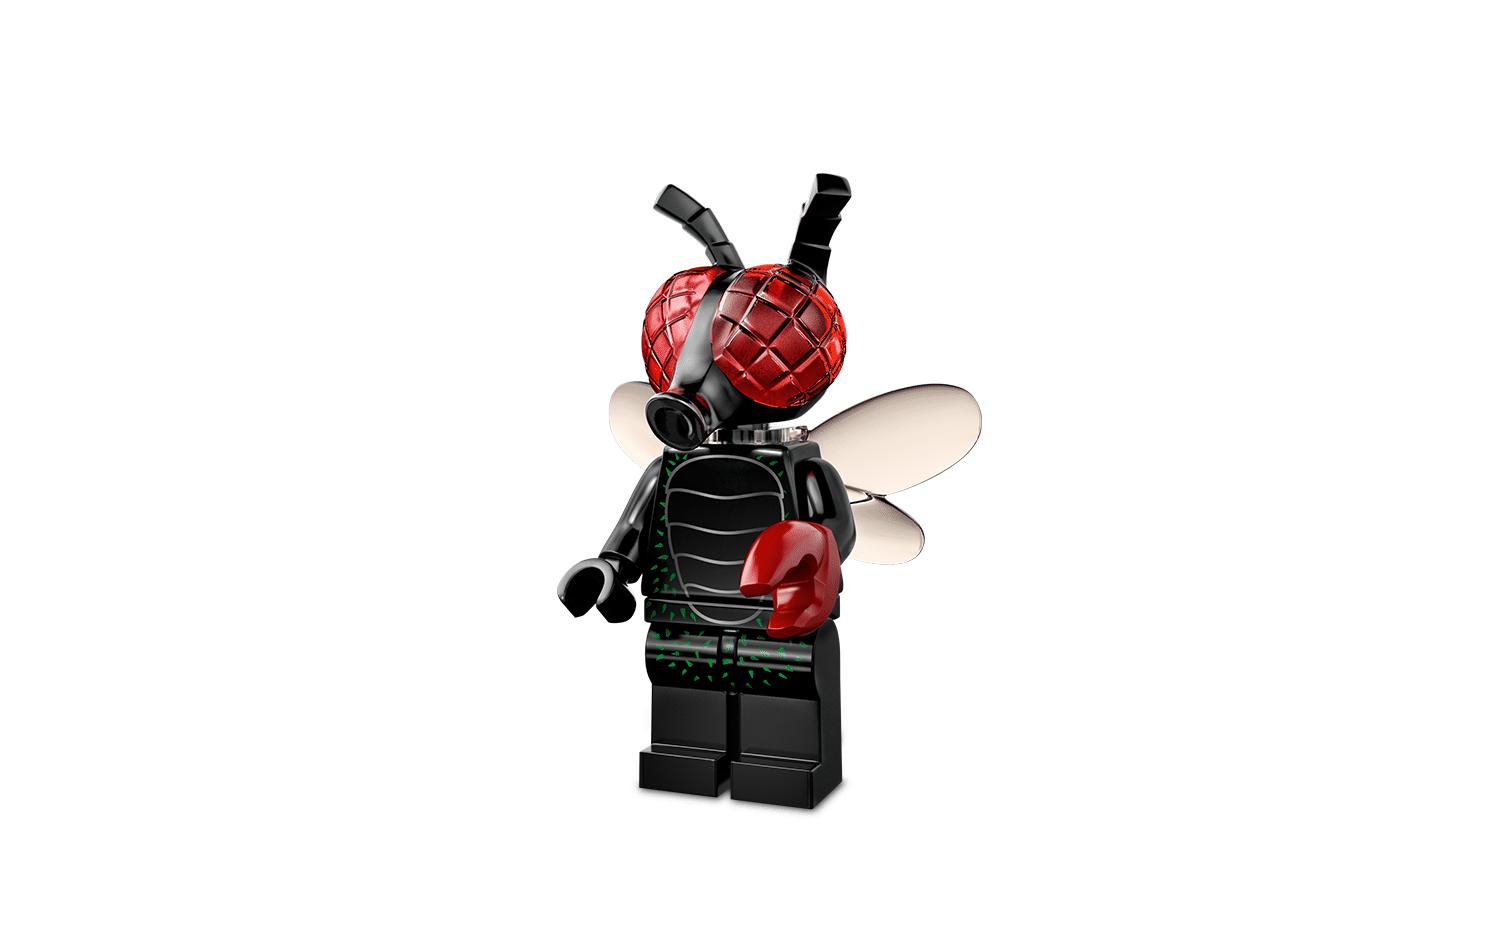 Mosca monstruo - Personajes - Minifigures LEGO.com | LEGO ...